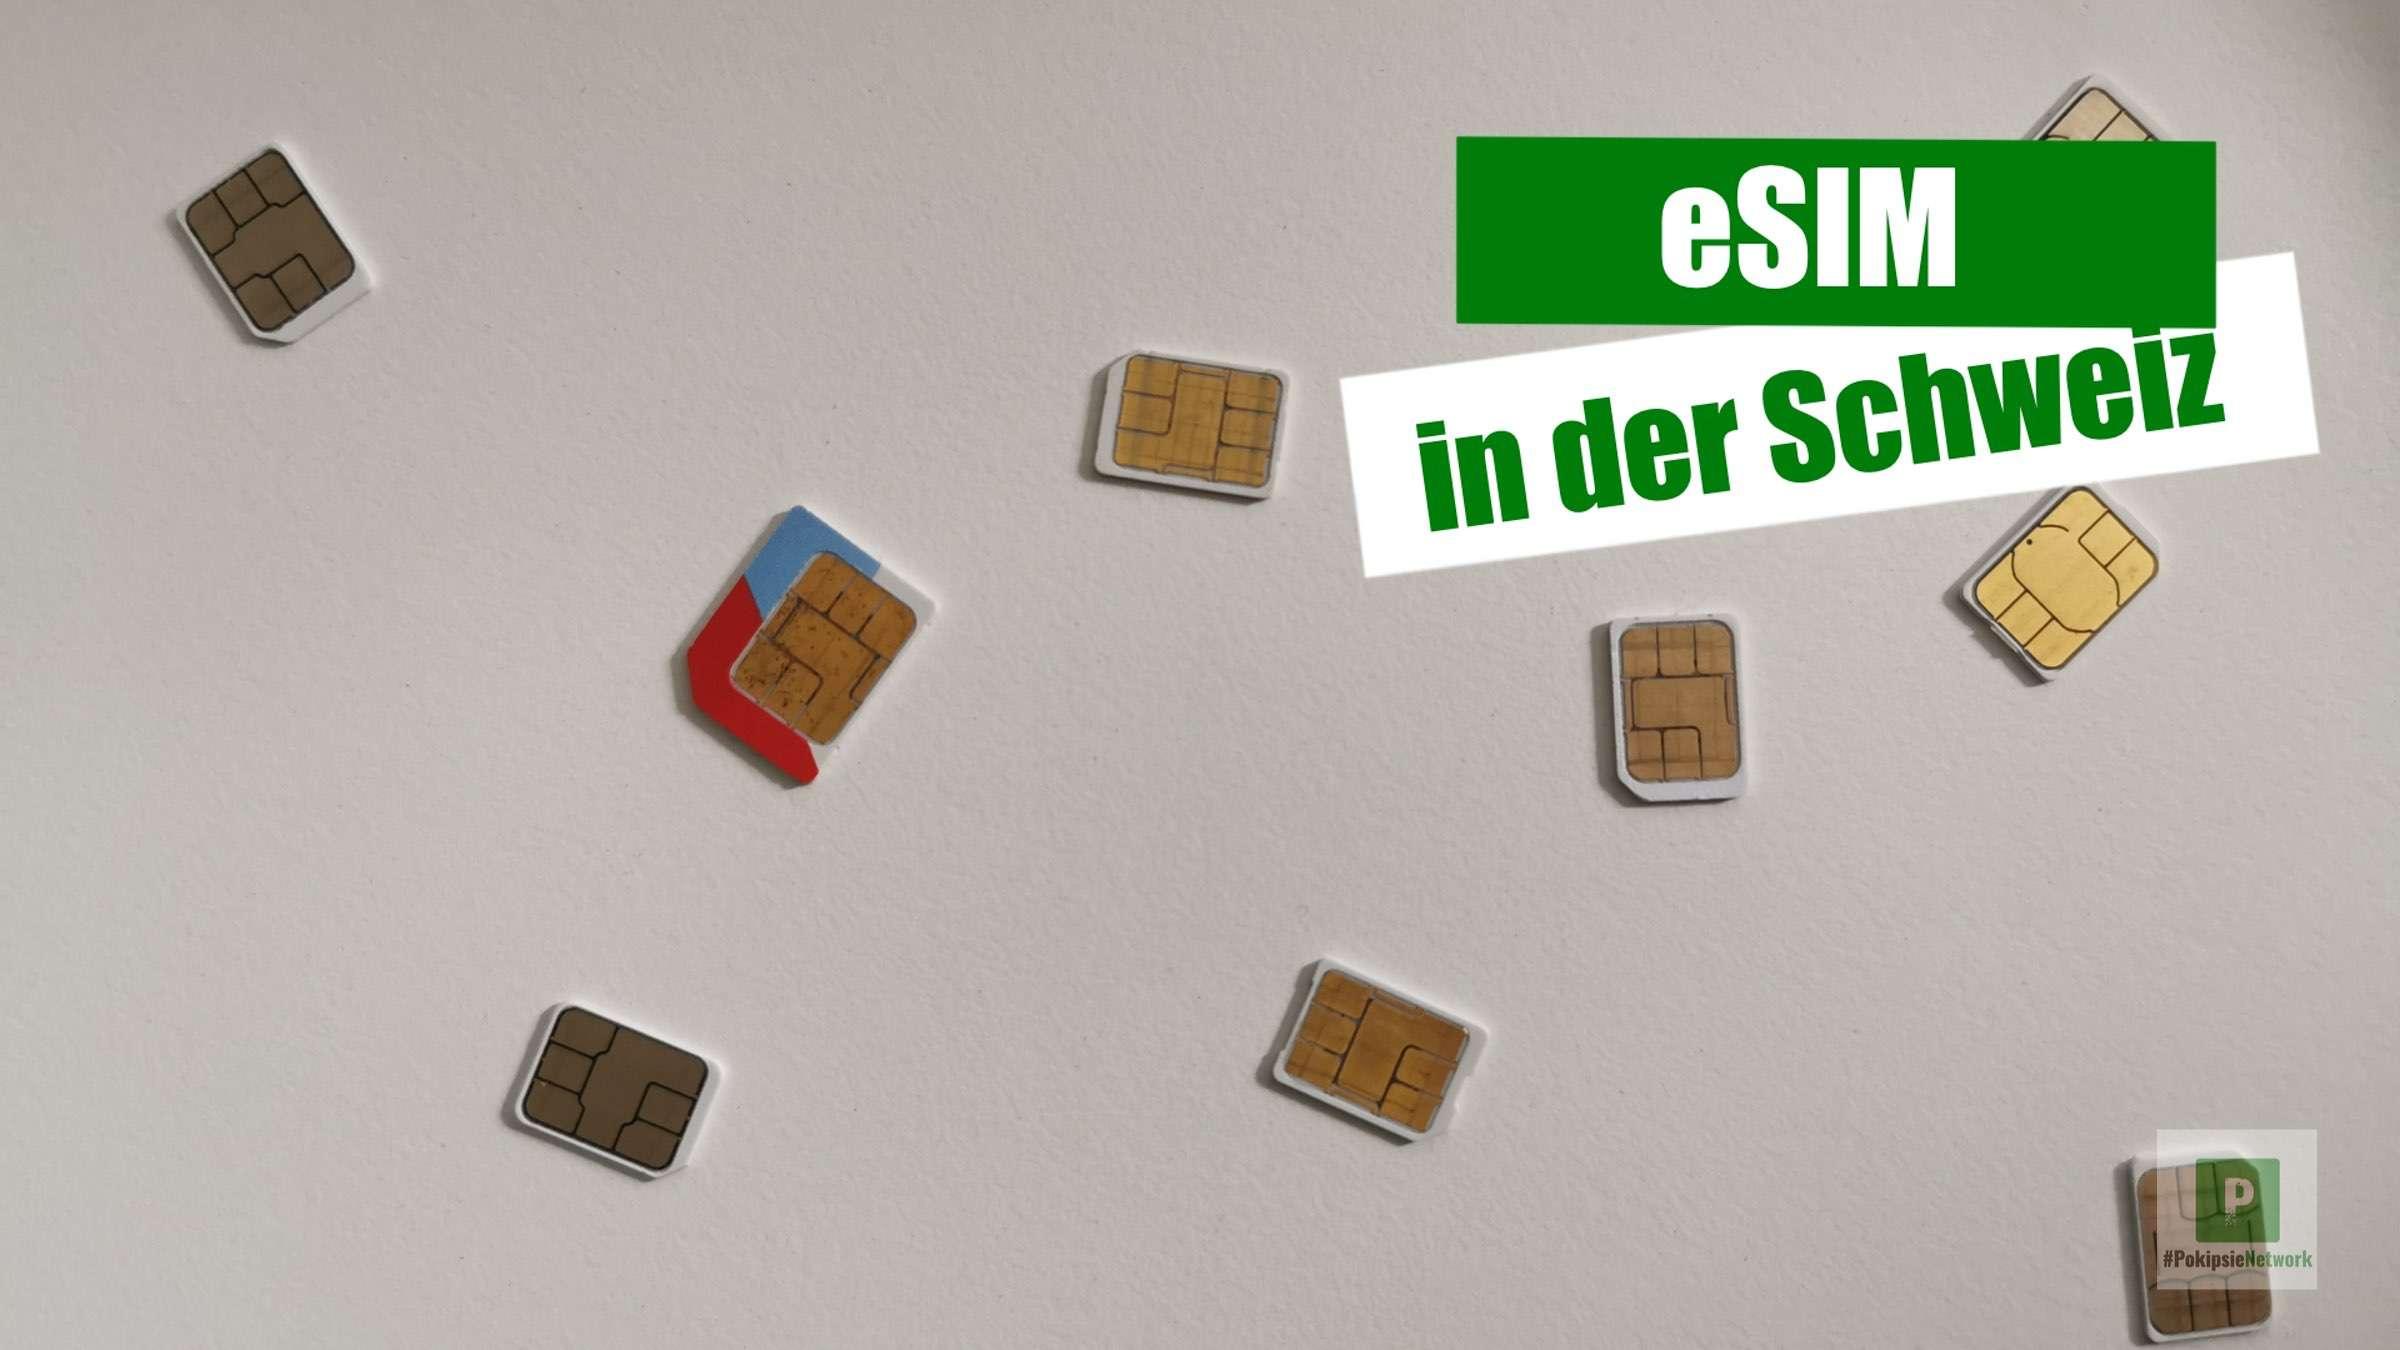 eSIM in der Schweiz – Sunrise, Swisscom, Salt und co.